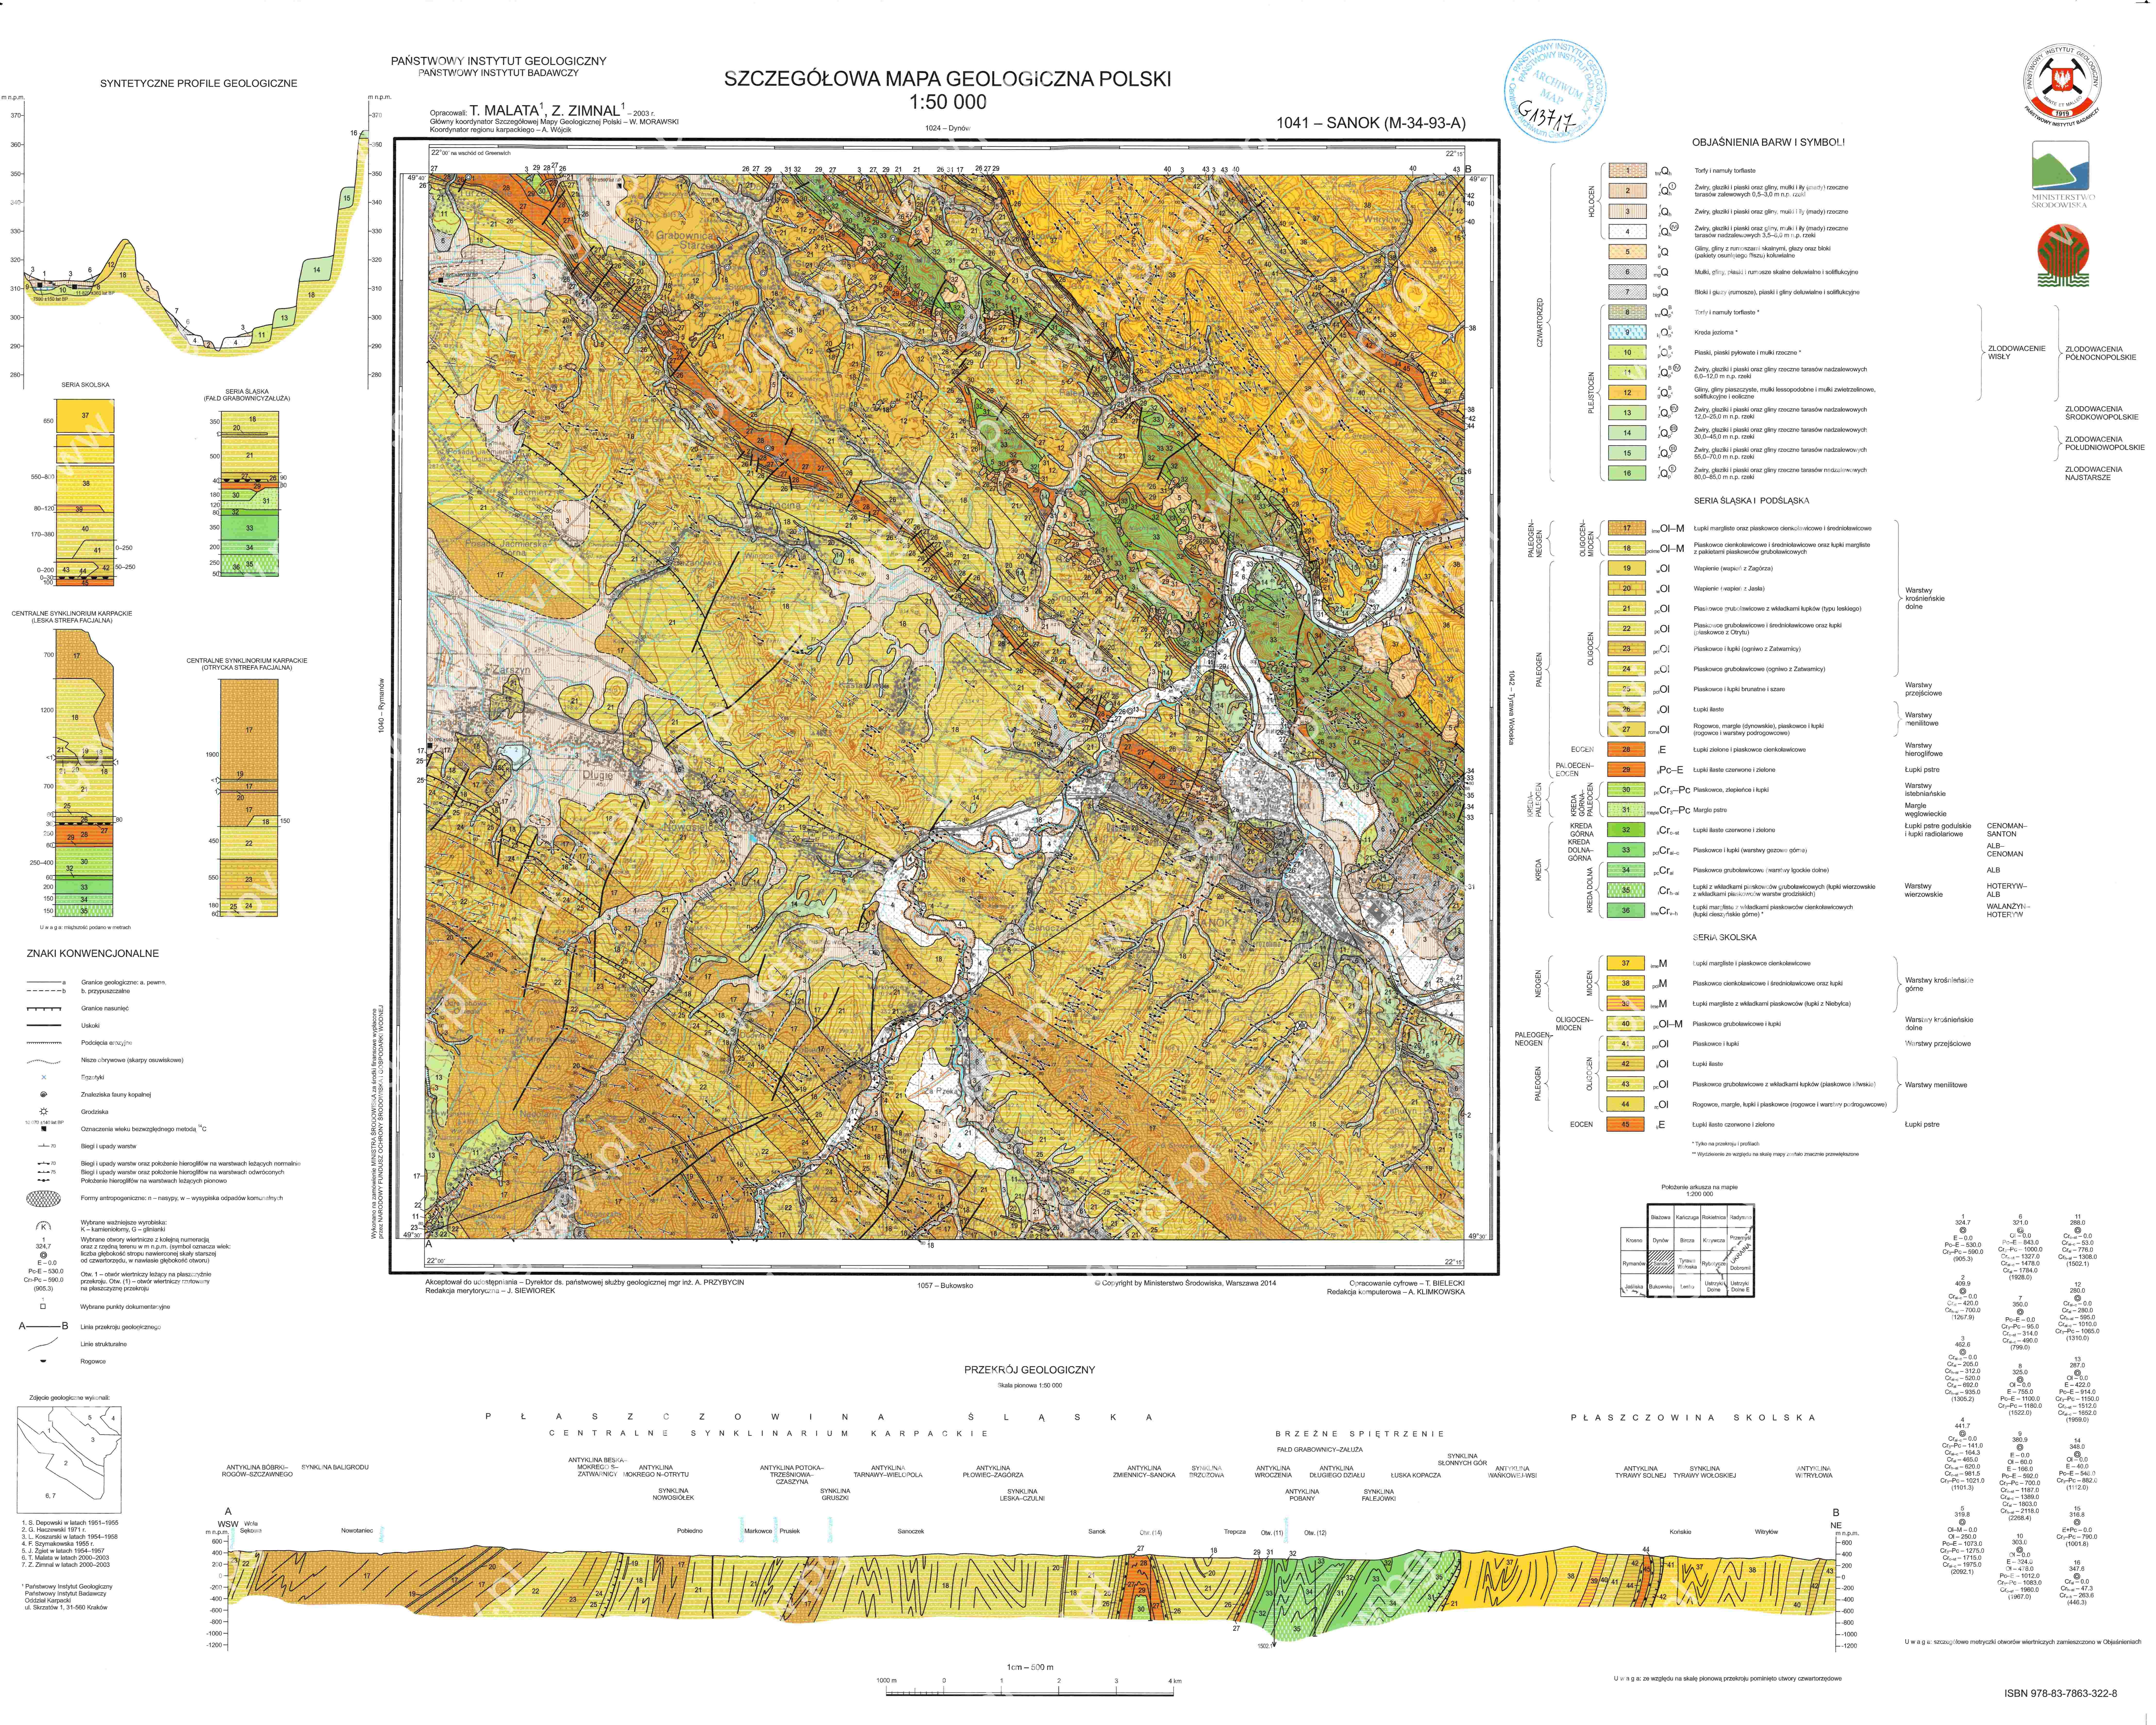 Szczegolowa Mapa Geologiczna Polski 1 50 000 Smgp Arkusz Sanok